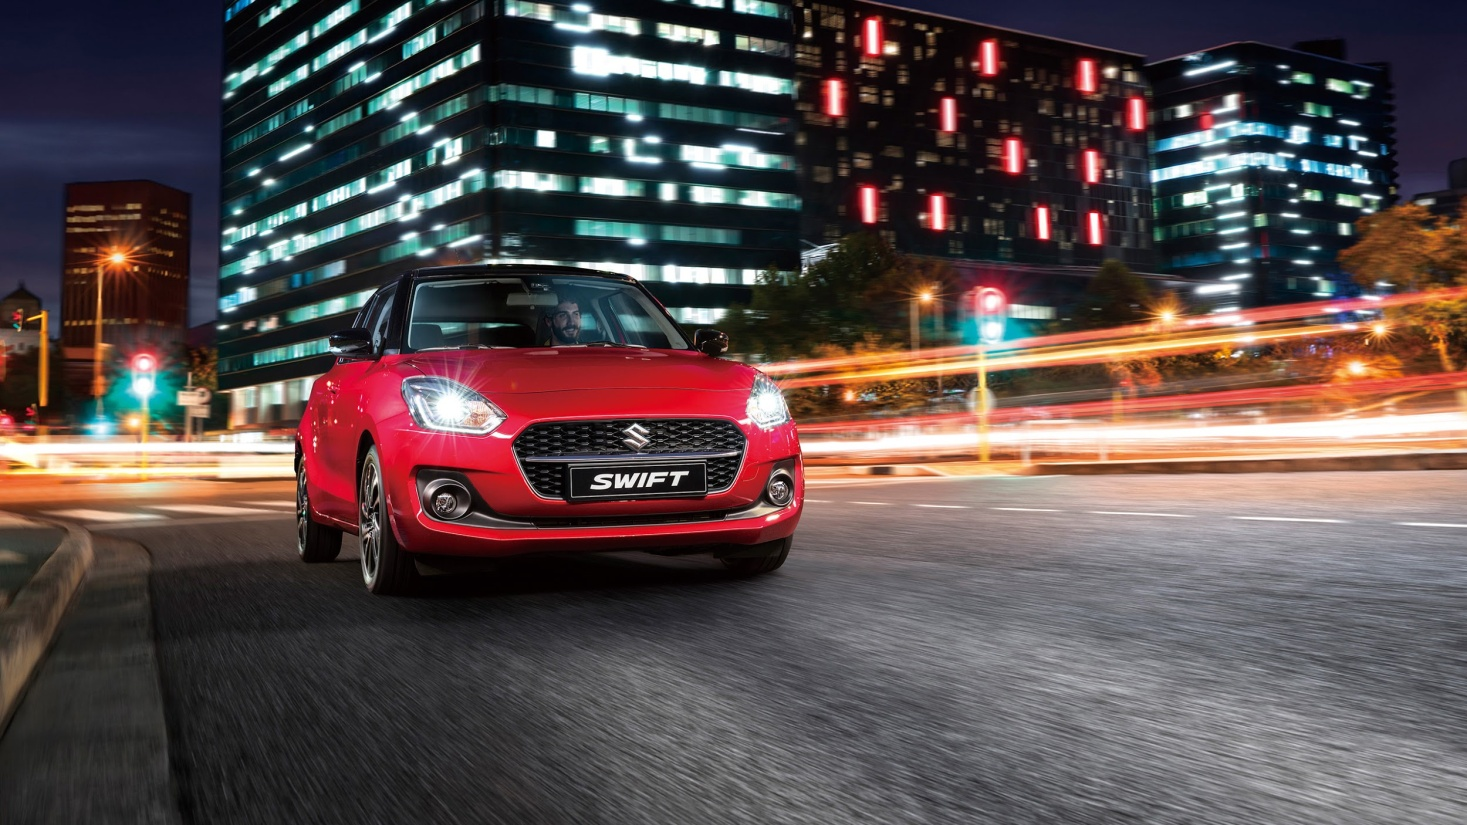 Suzuki New Swift 2021 giúp chủ nhân cảm nhận niềm vui mỗi ngay sau vô lăng